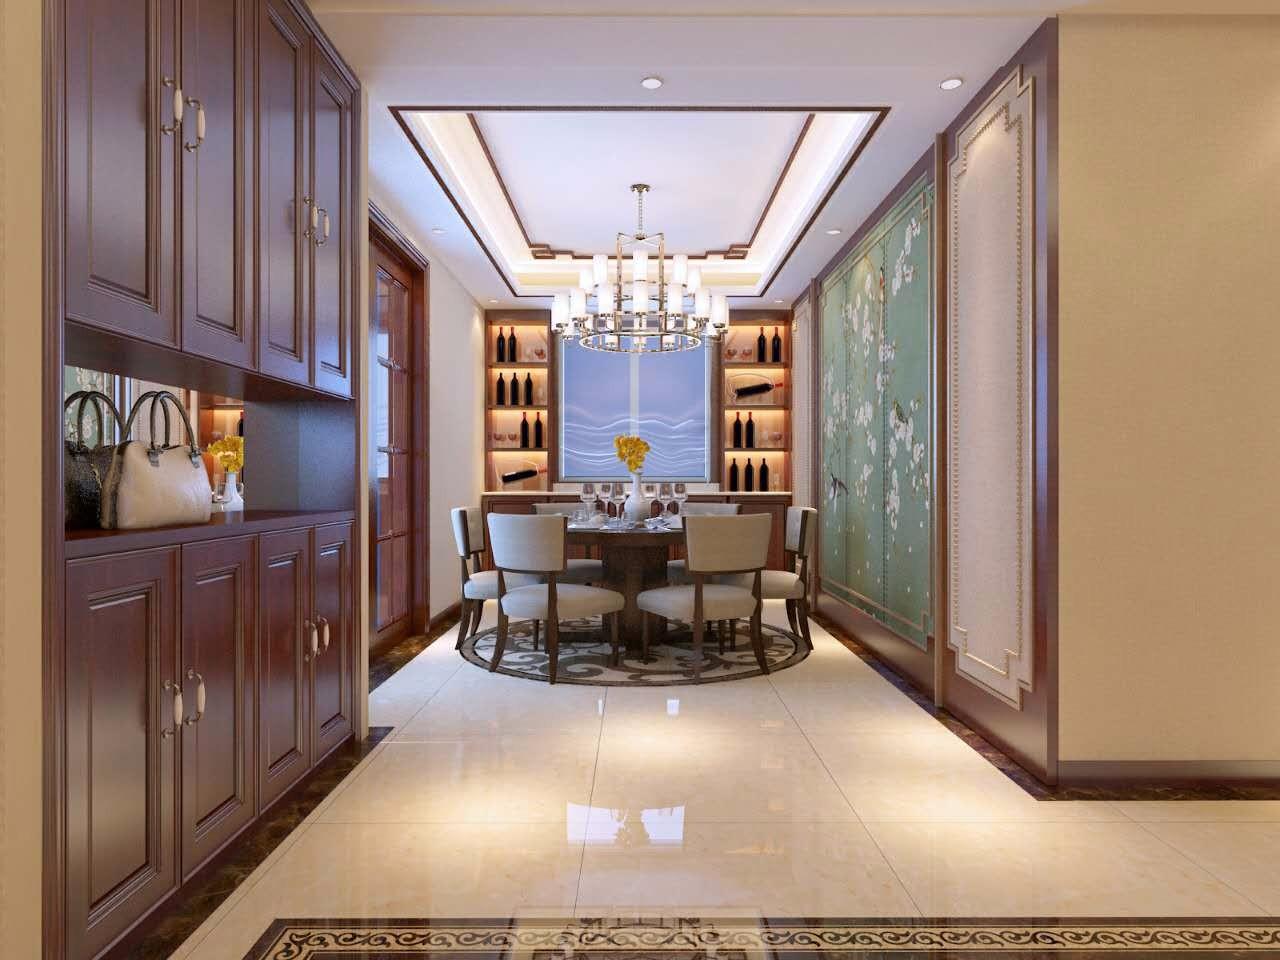 临汾泰和福邸208平米中式效果图